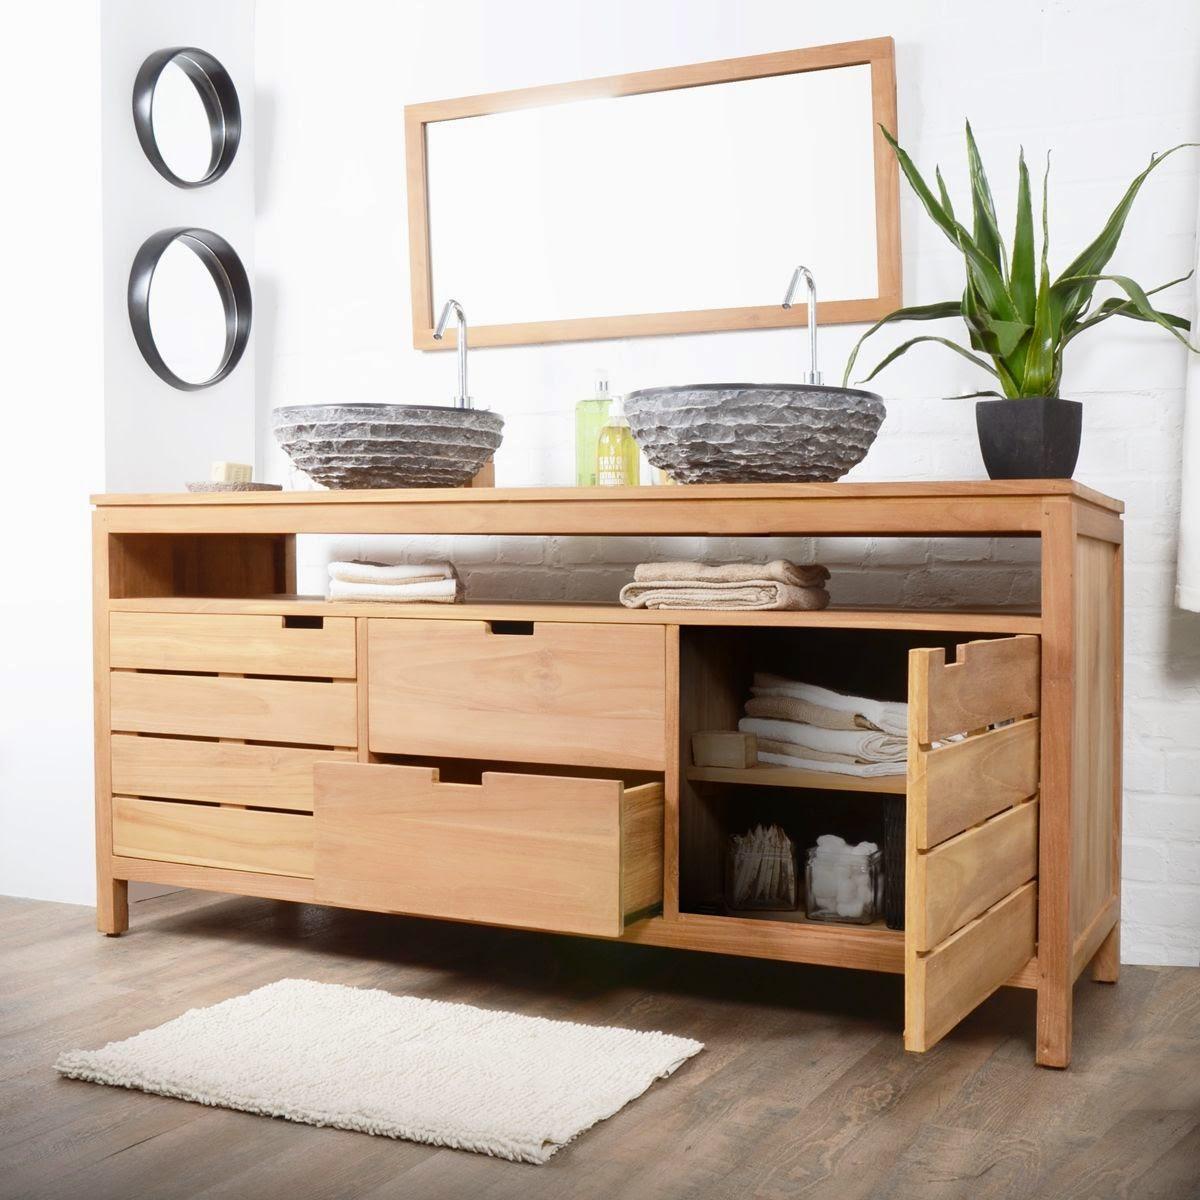 Meuble de salle de bain en bois meuble d coration maison for Meuble de maison